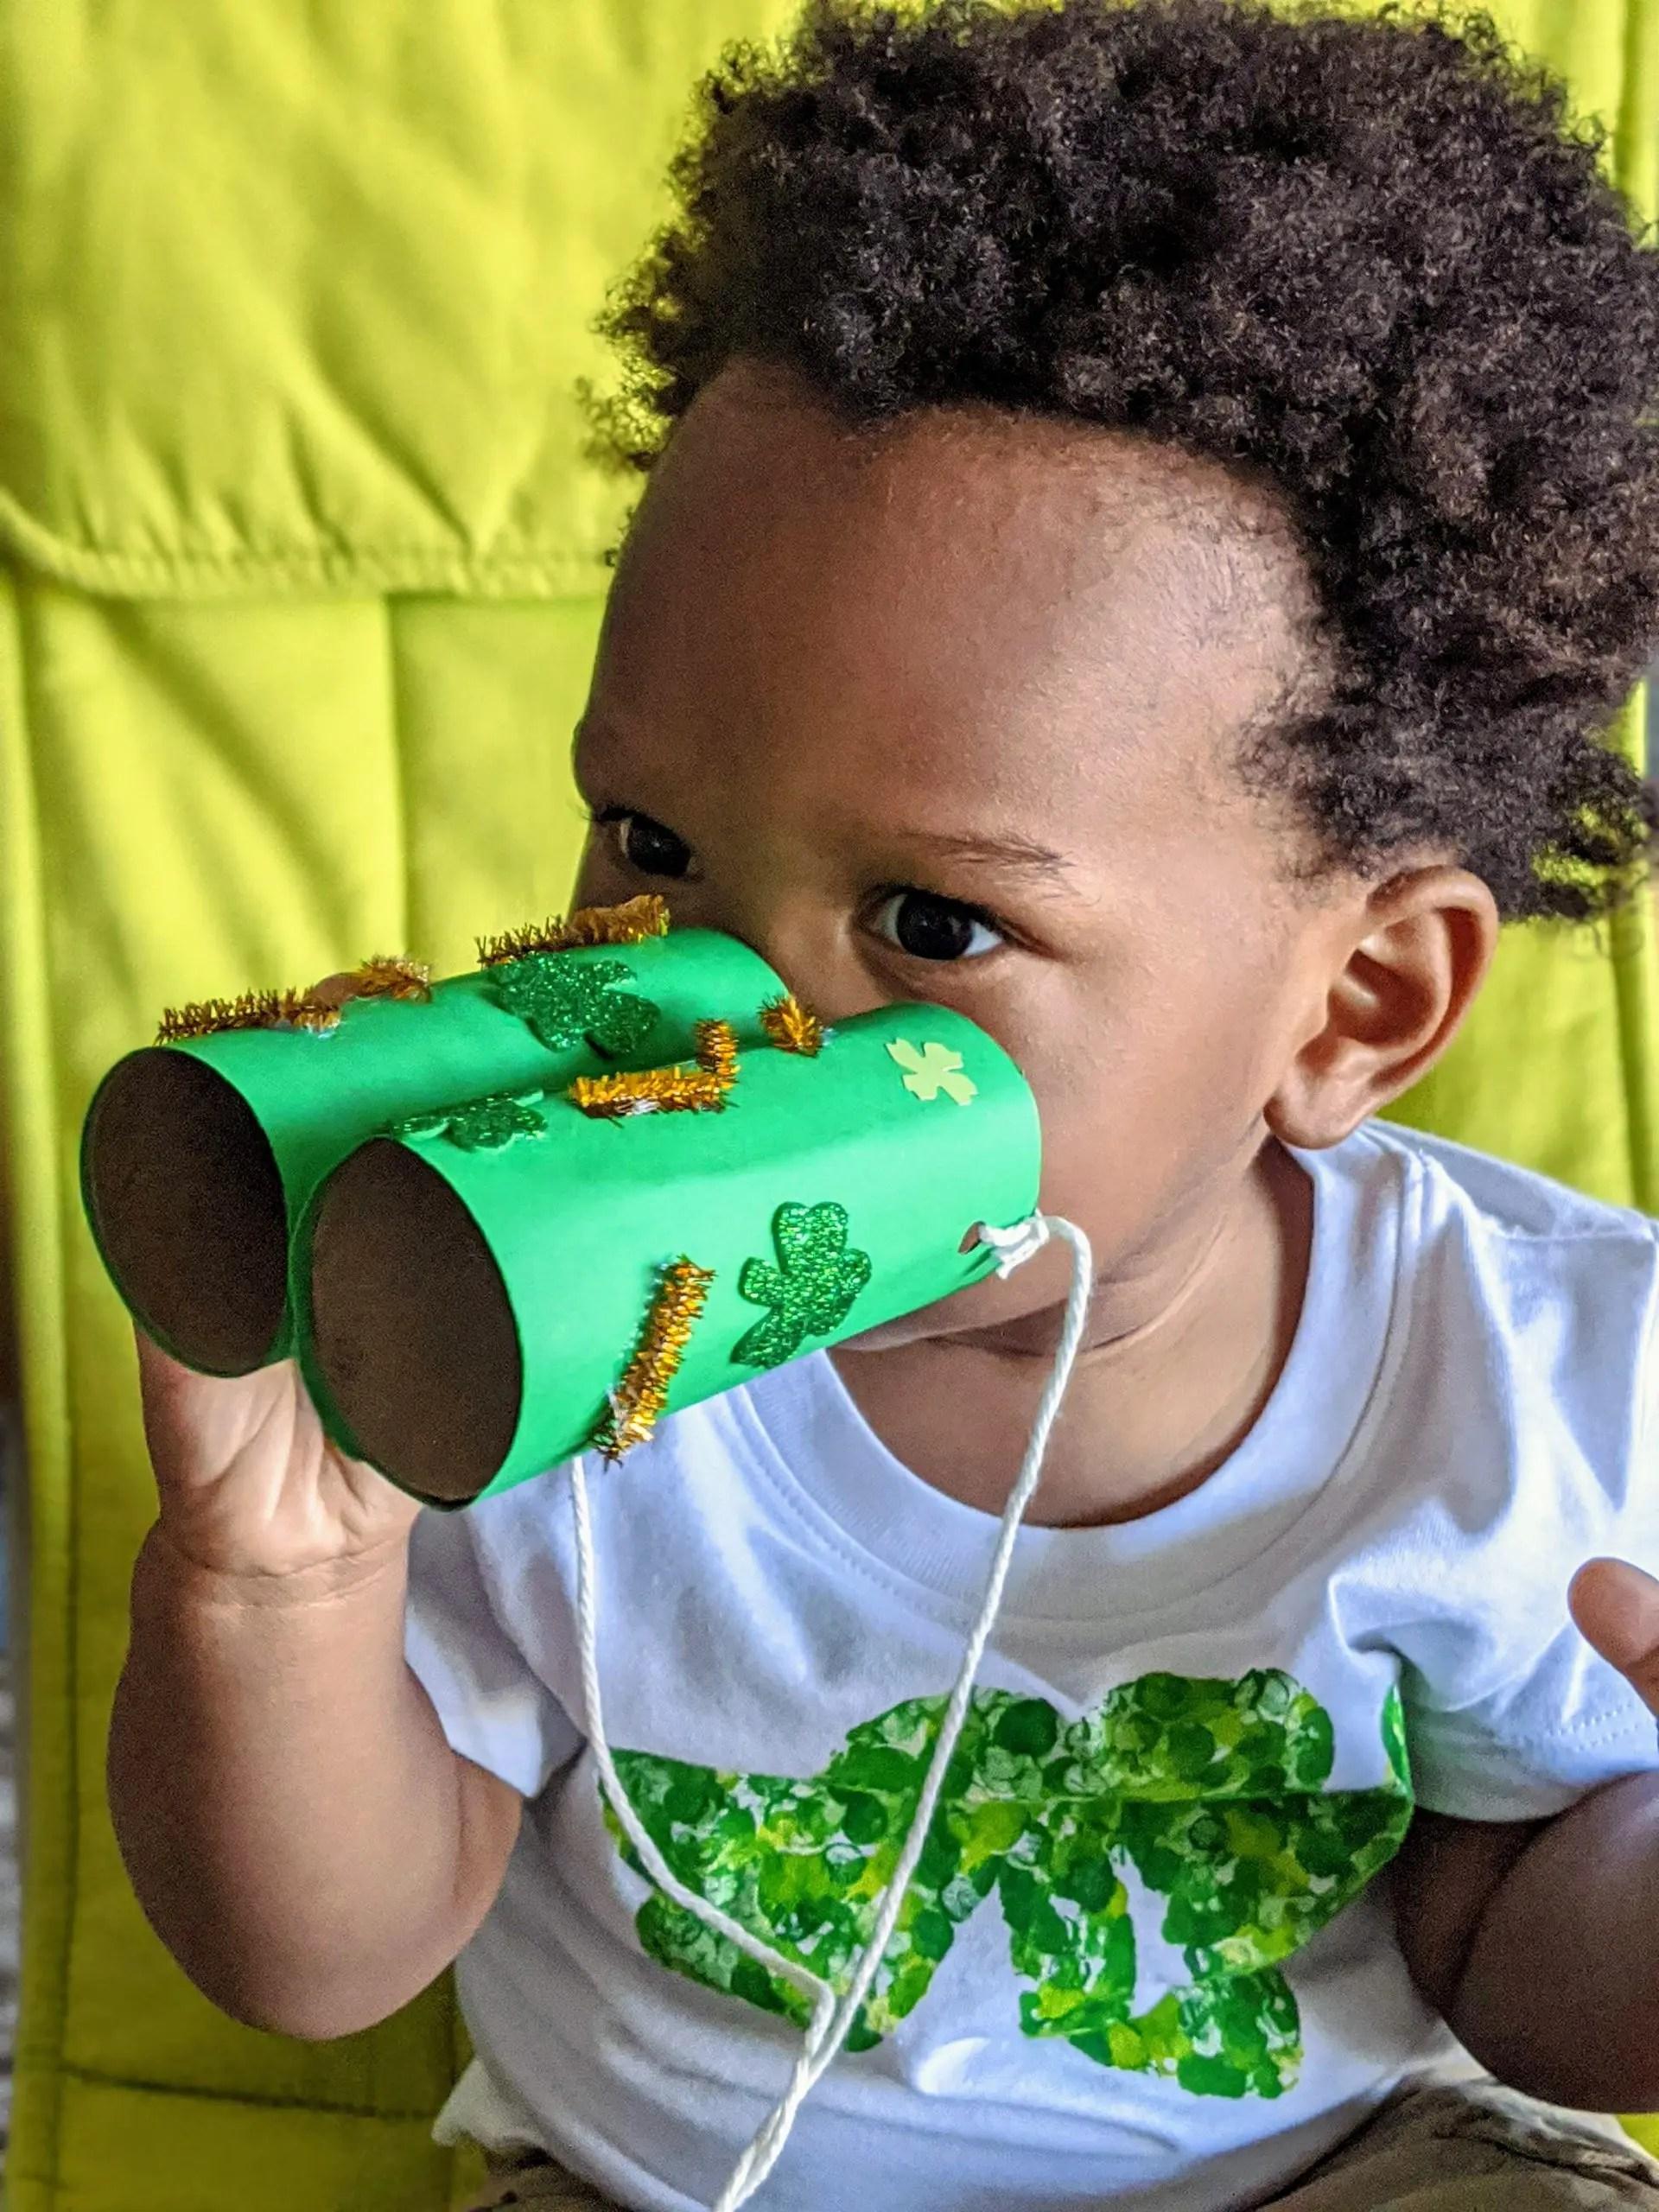 toddler celebrating St. Patrick's Day